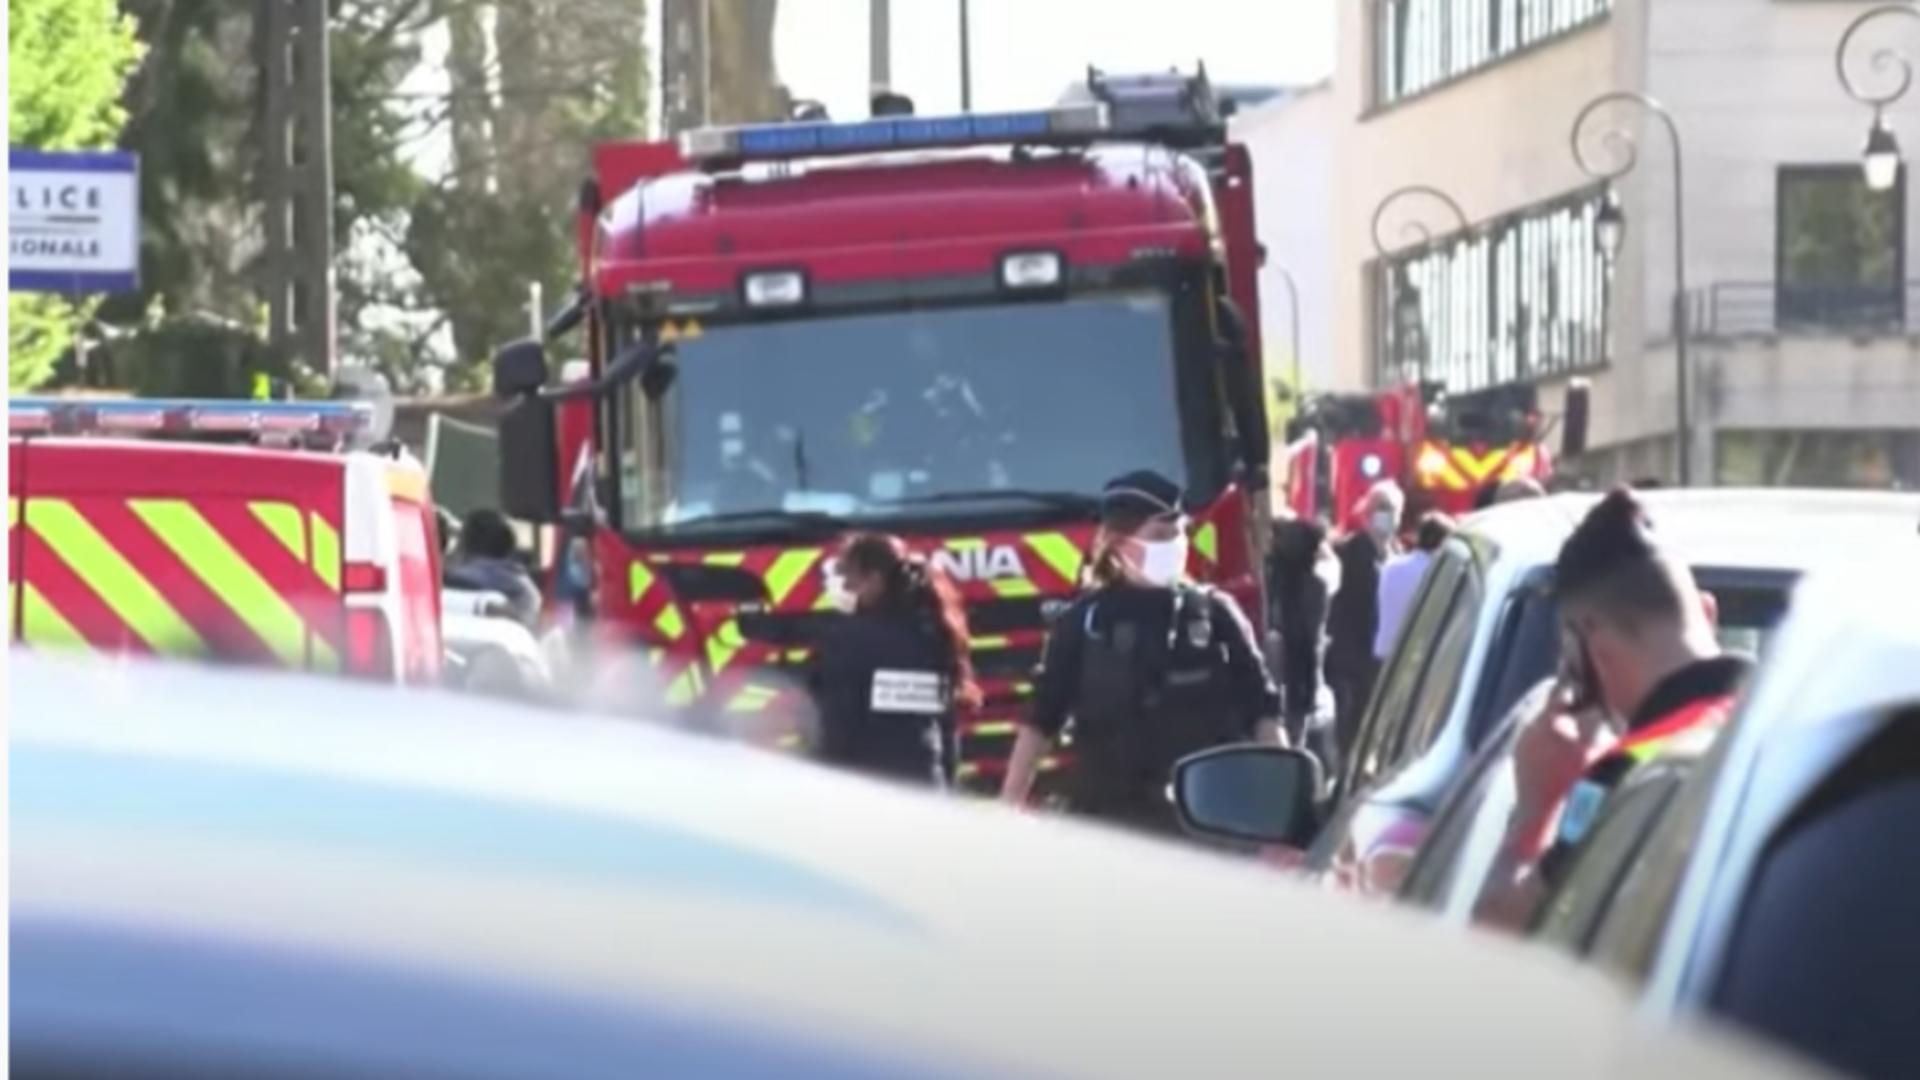 Polițistă ucisă în Franța. Foto: captură YouTube